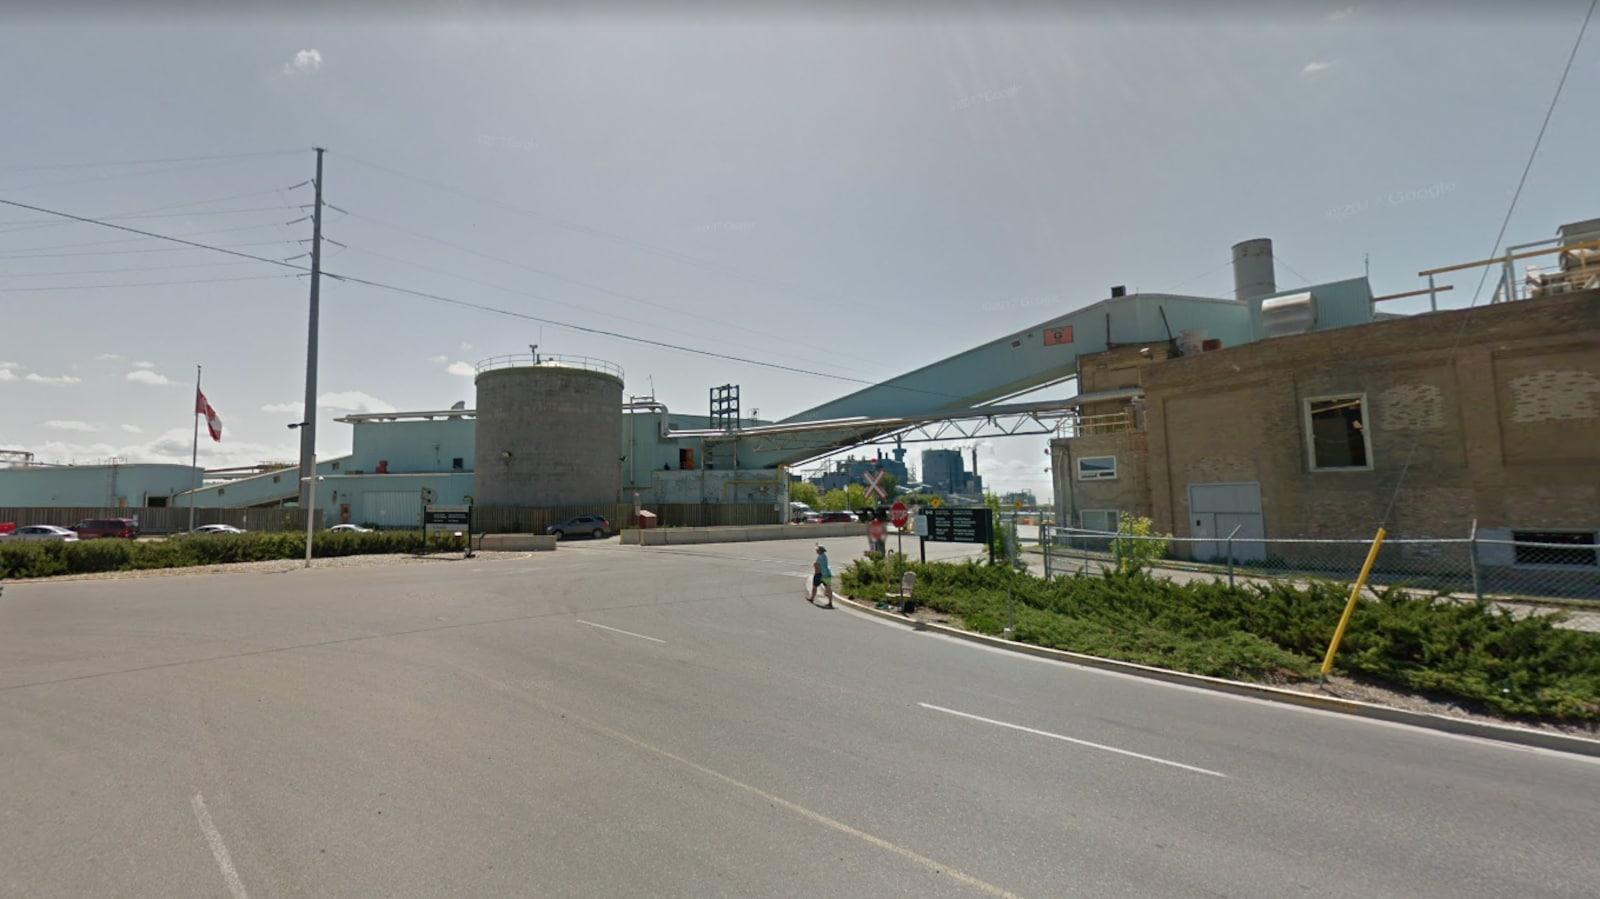 L'usine de pâtes et papiers Résolu à Fort Frances.